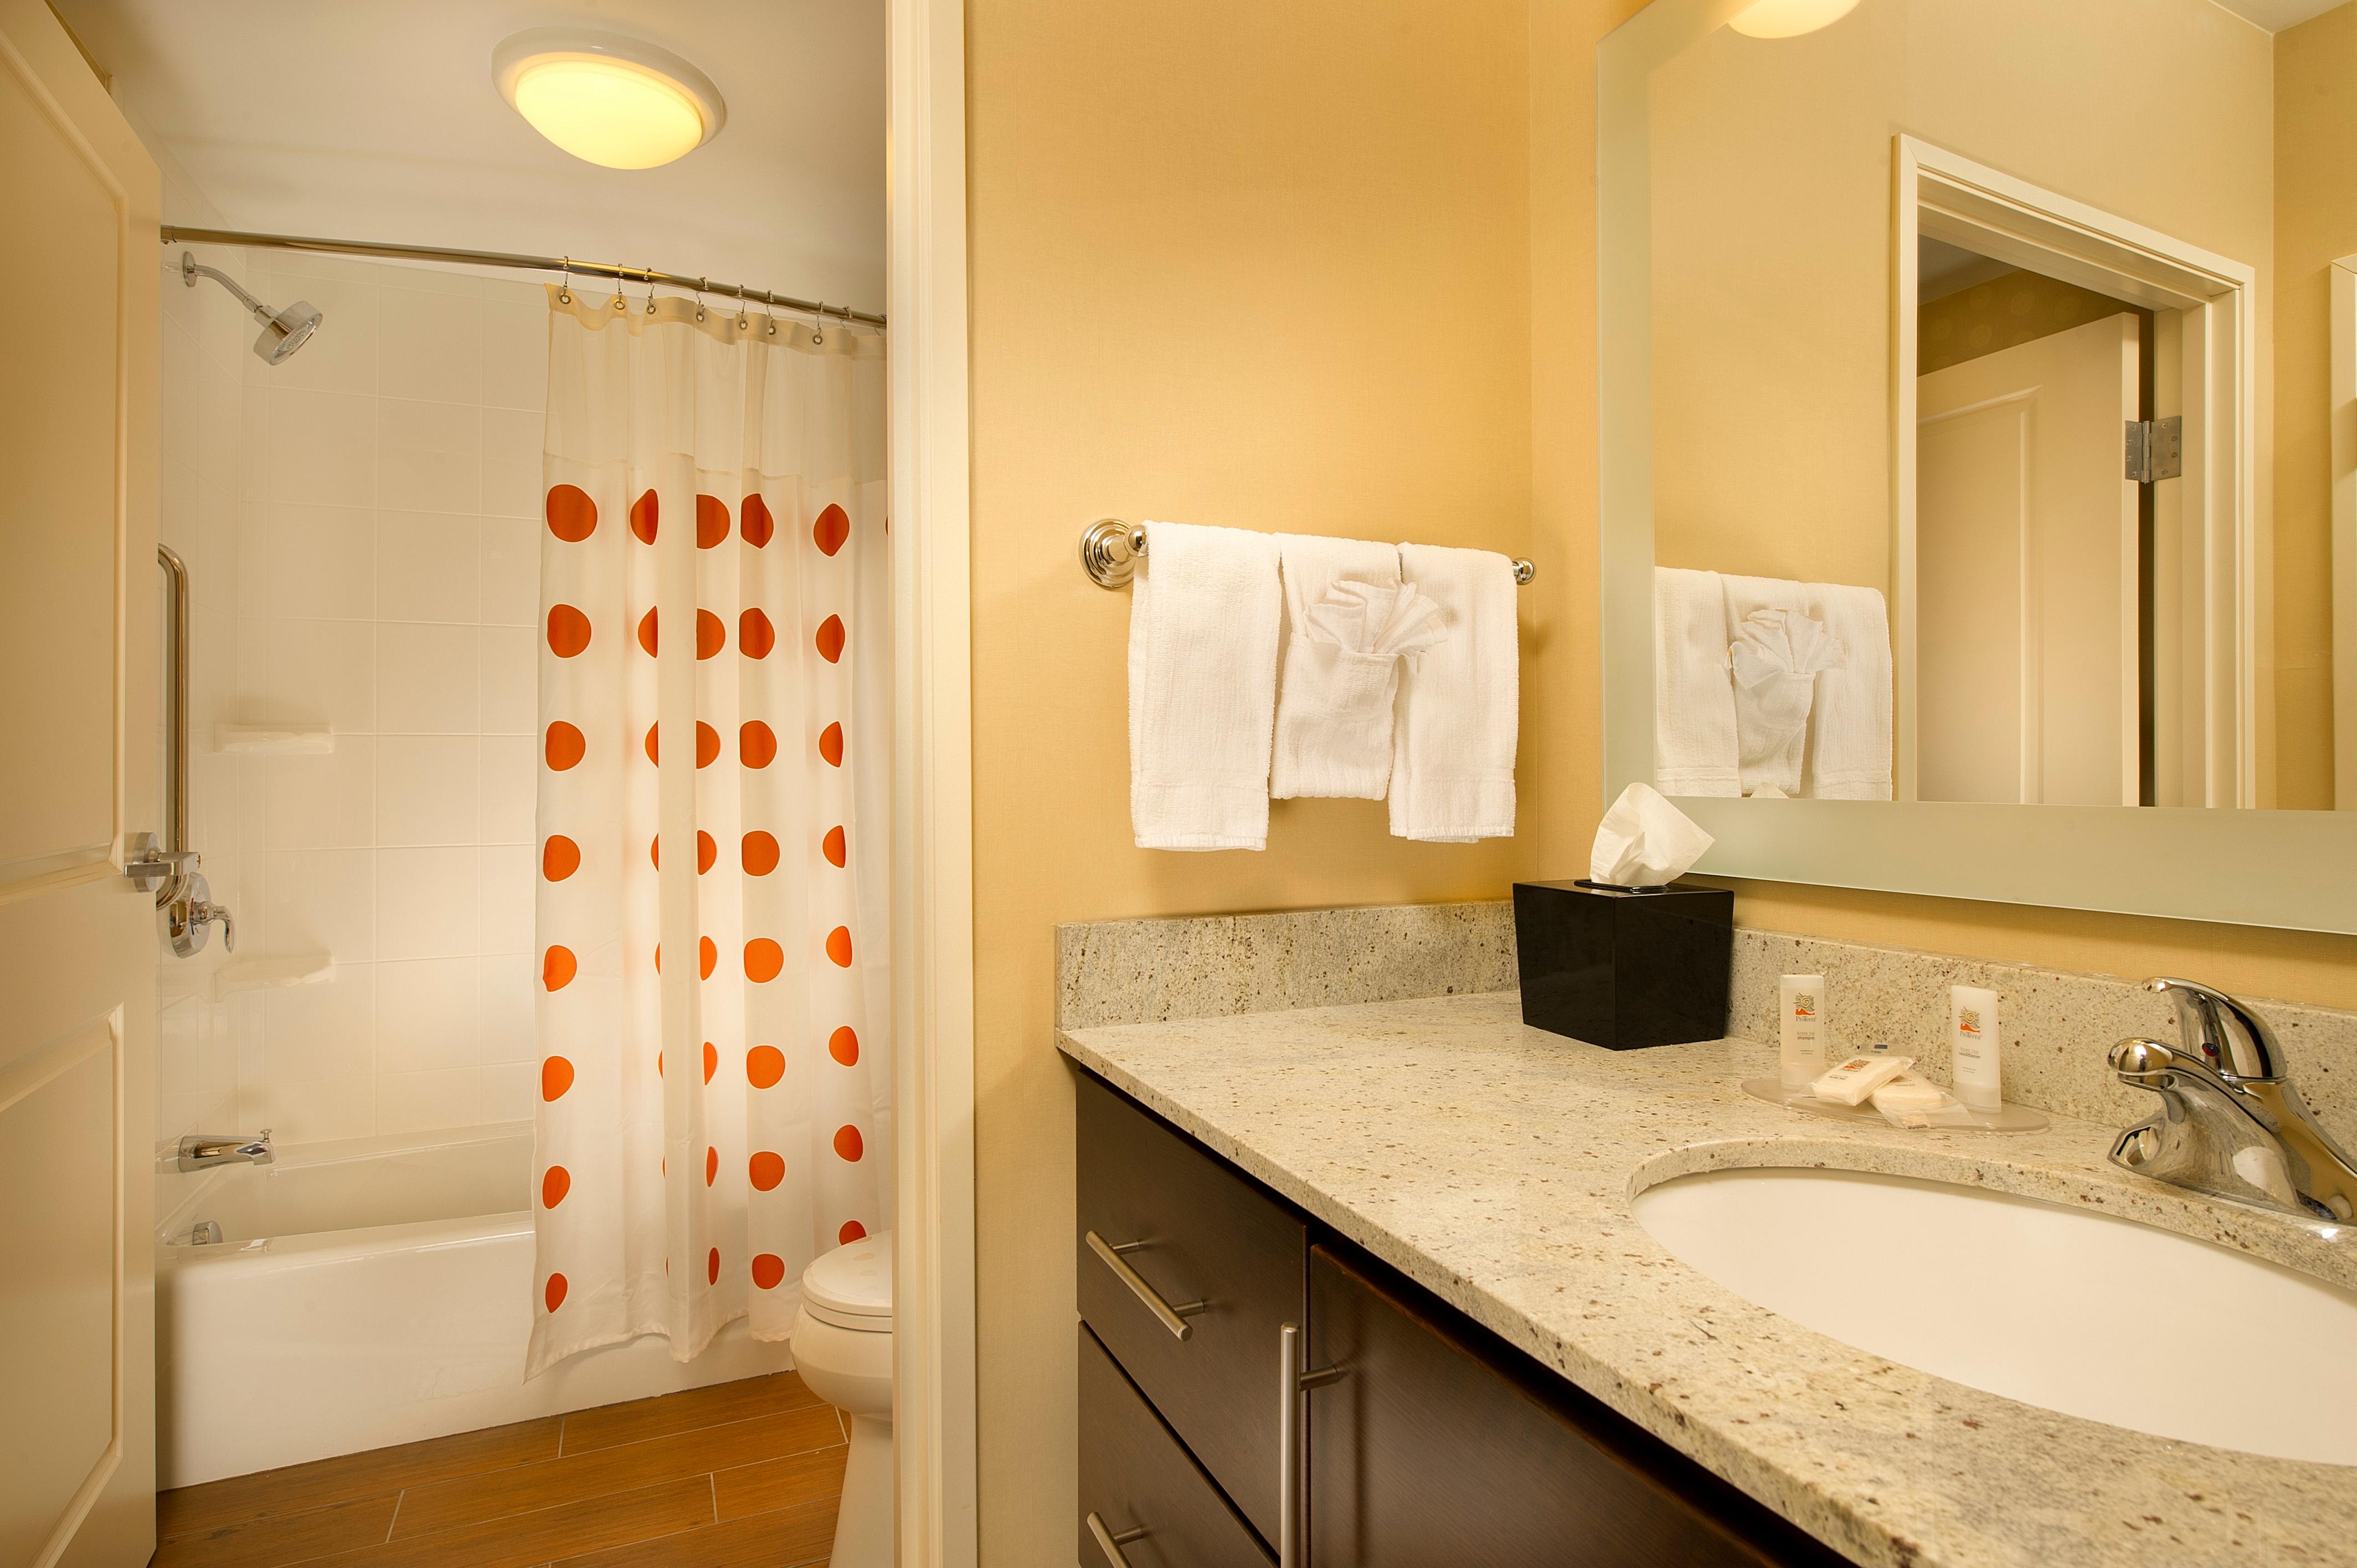 TownePlace Suites by Marriott Bridgeport Clarksburg image 5